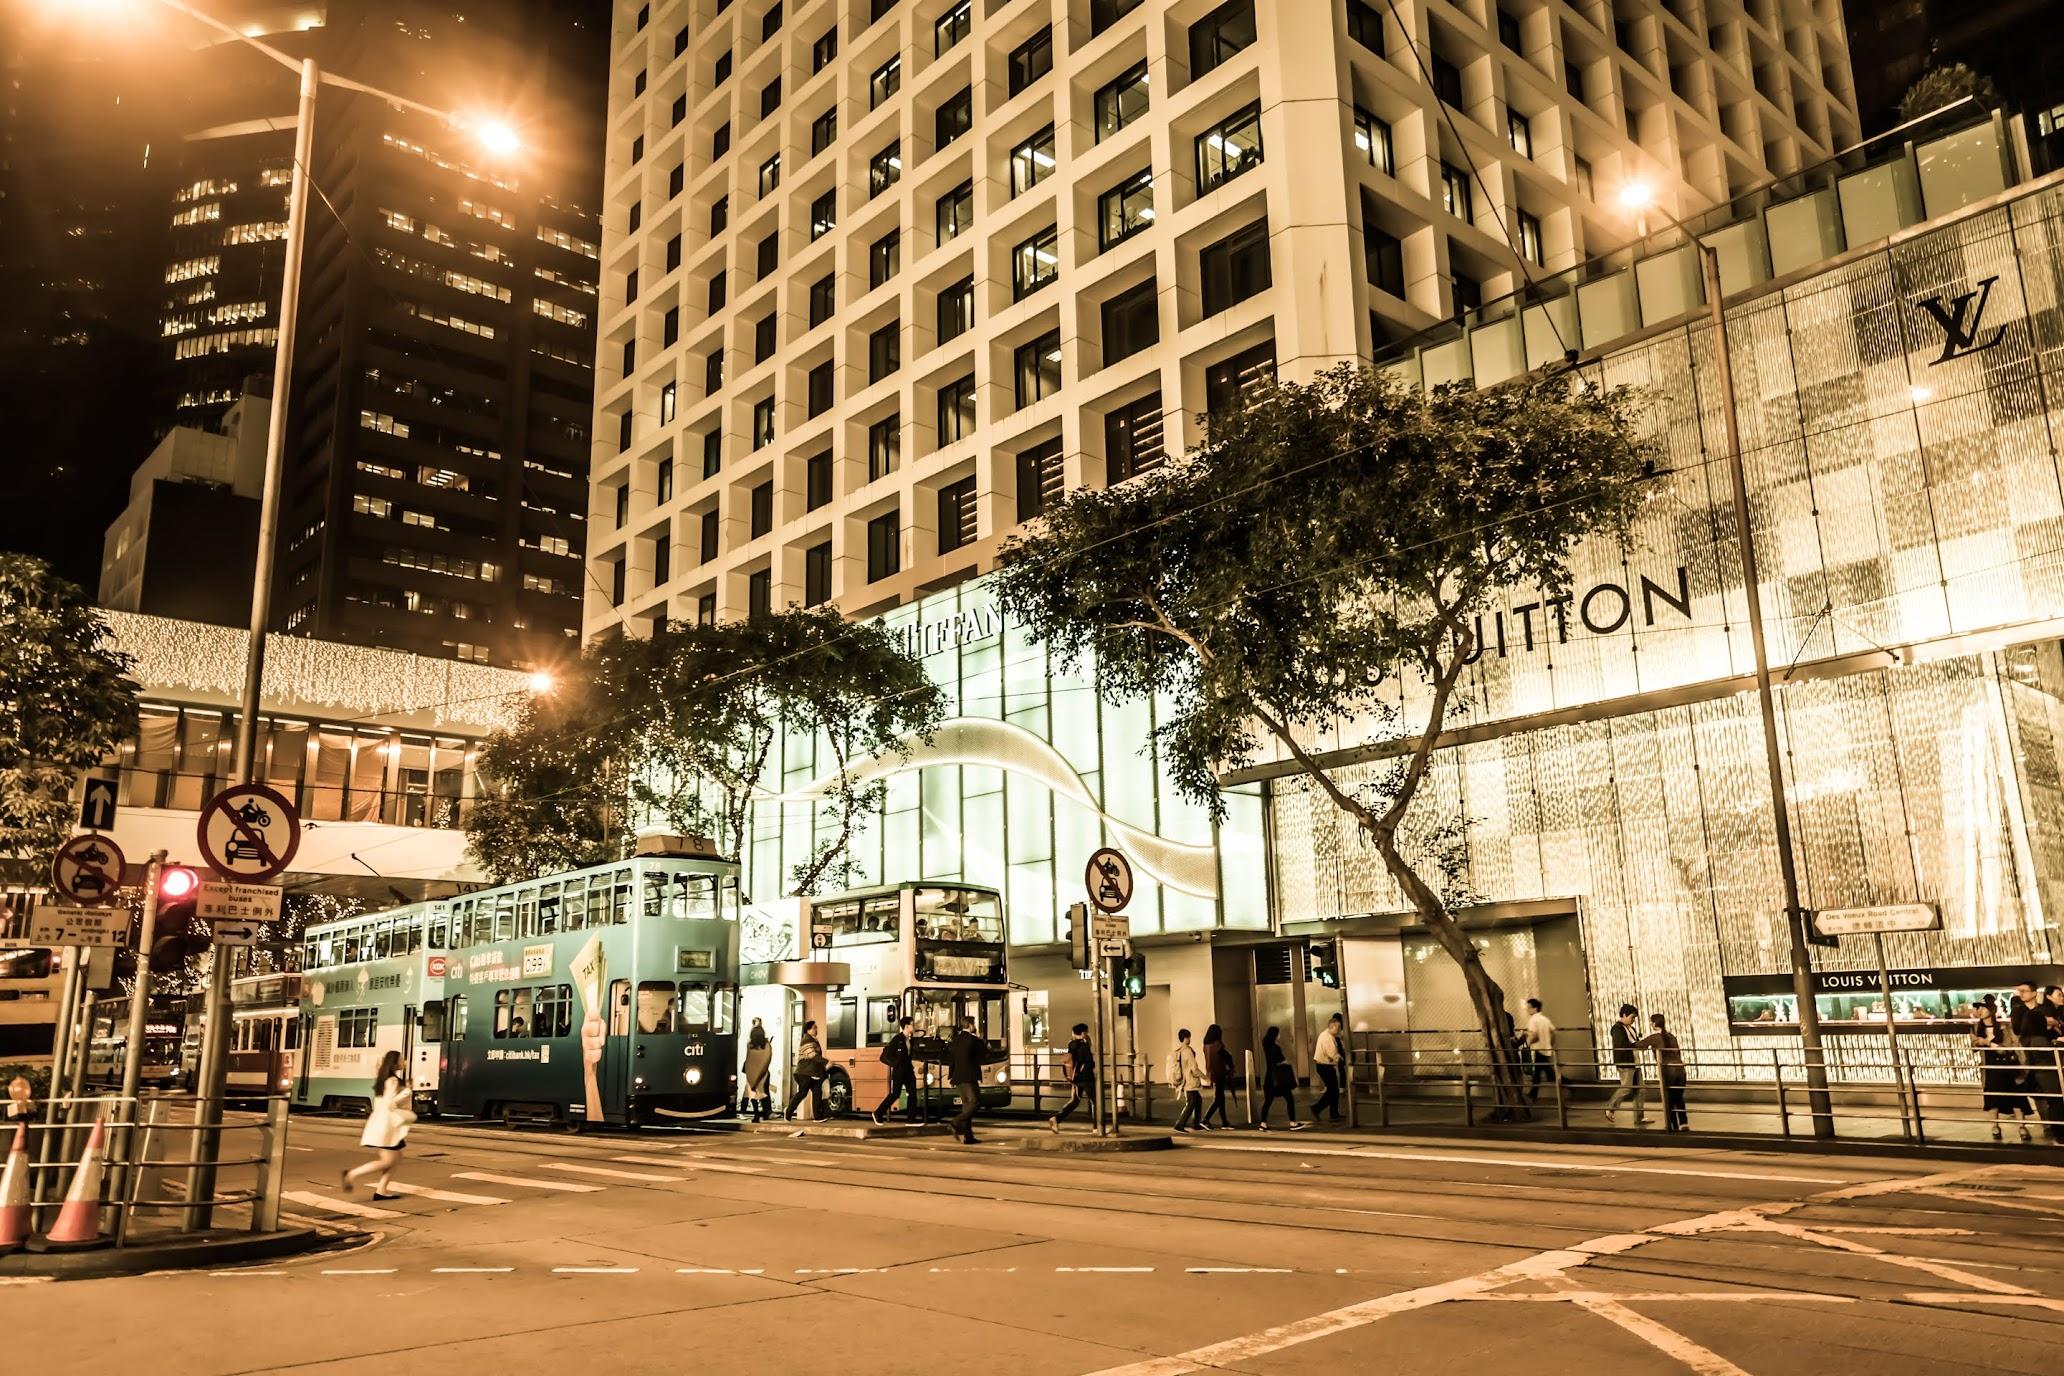 Hong Kong Central Night view1